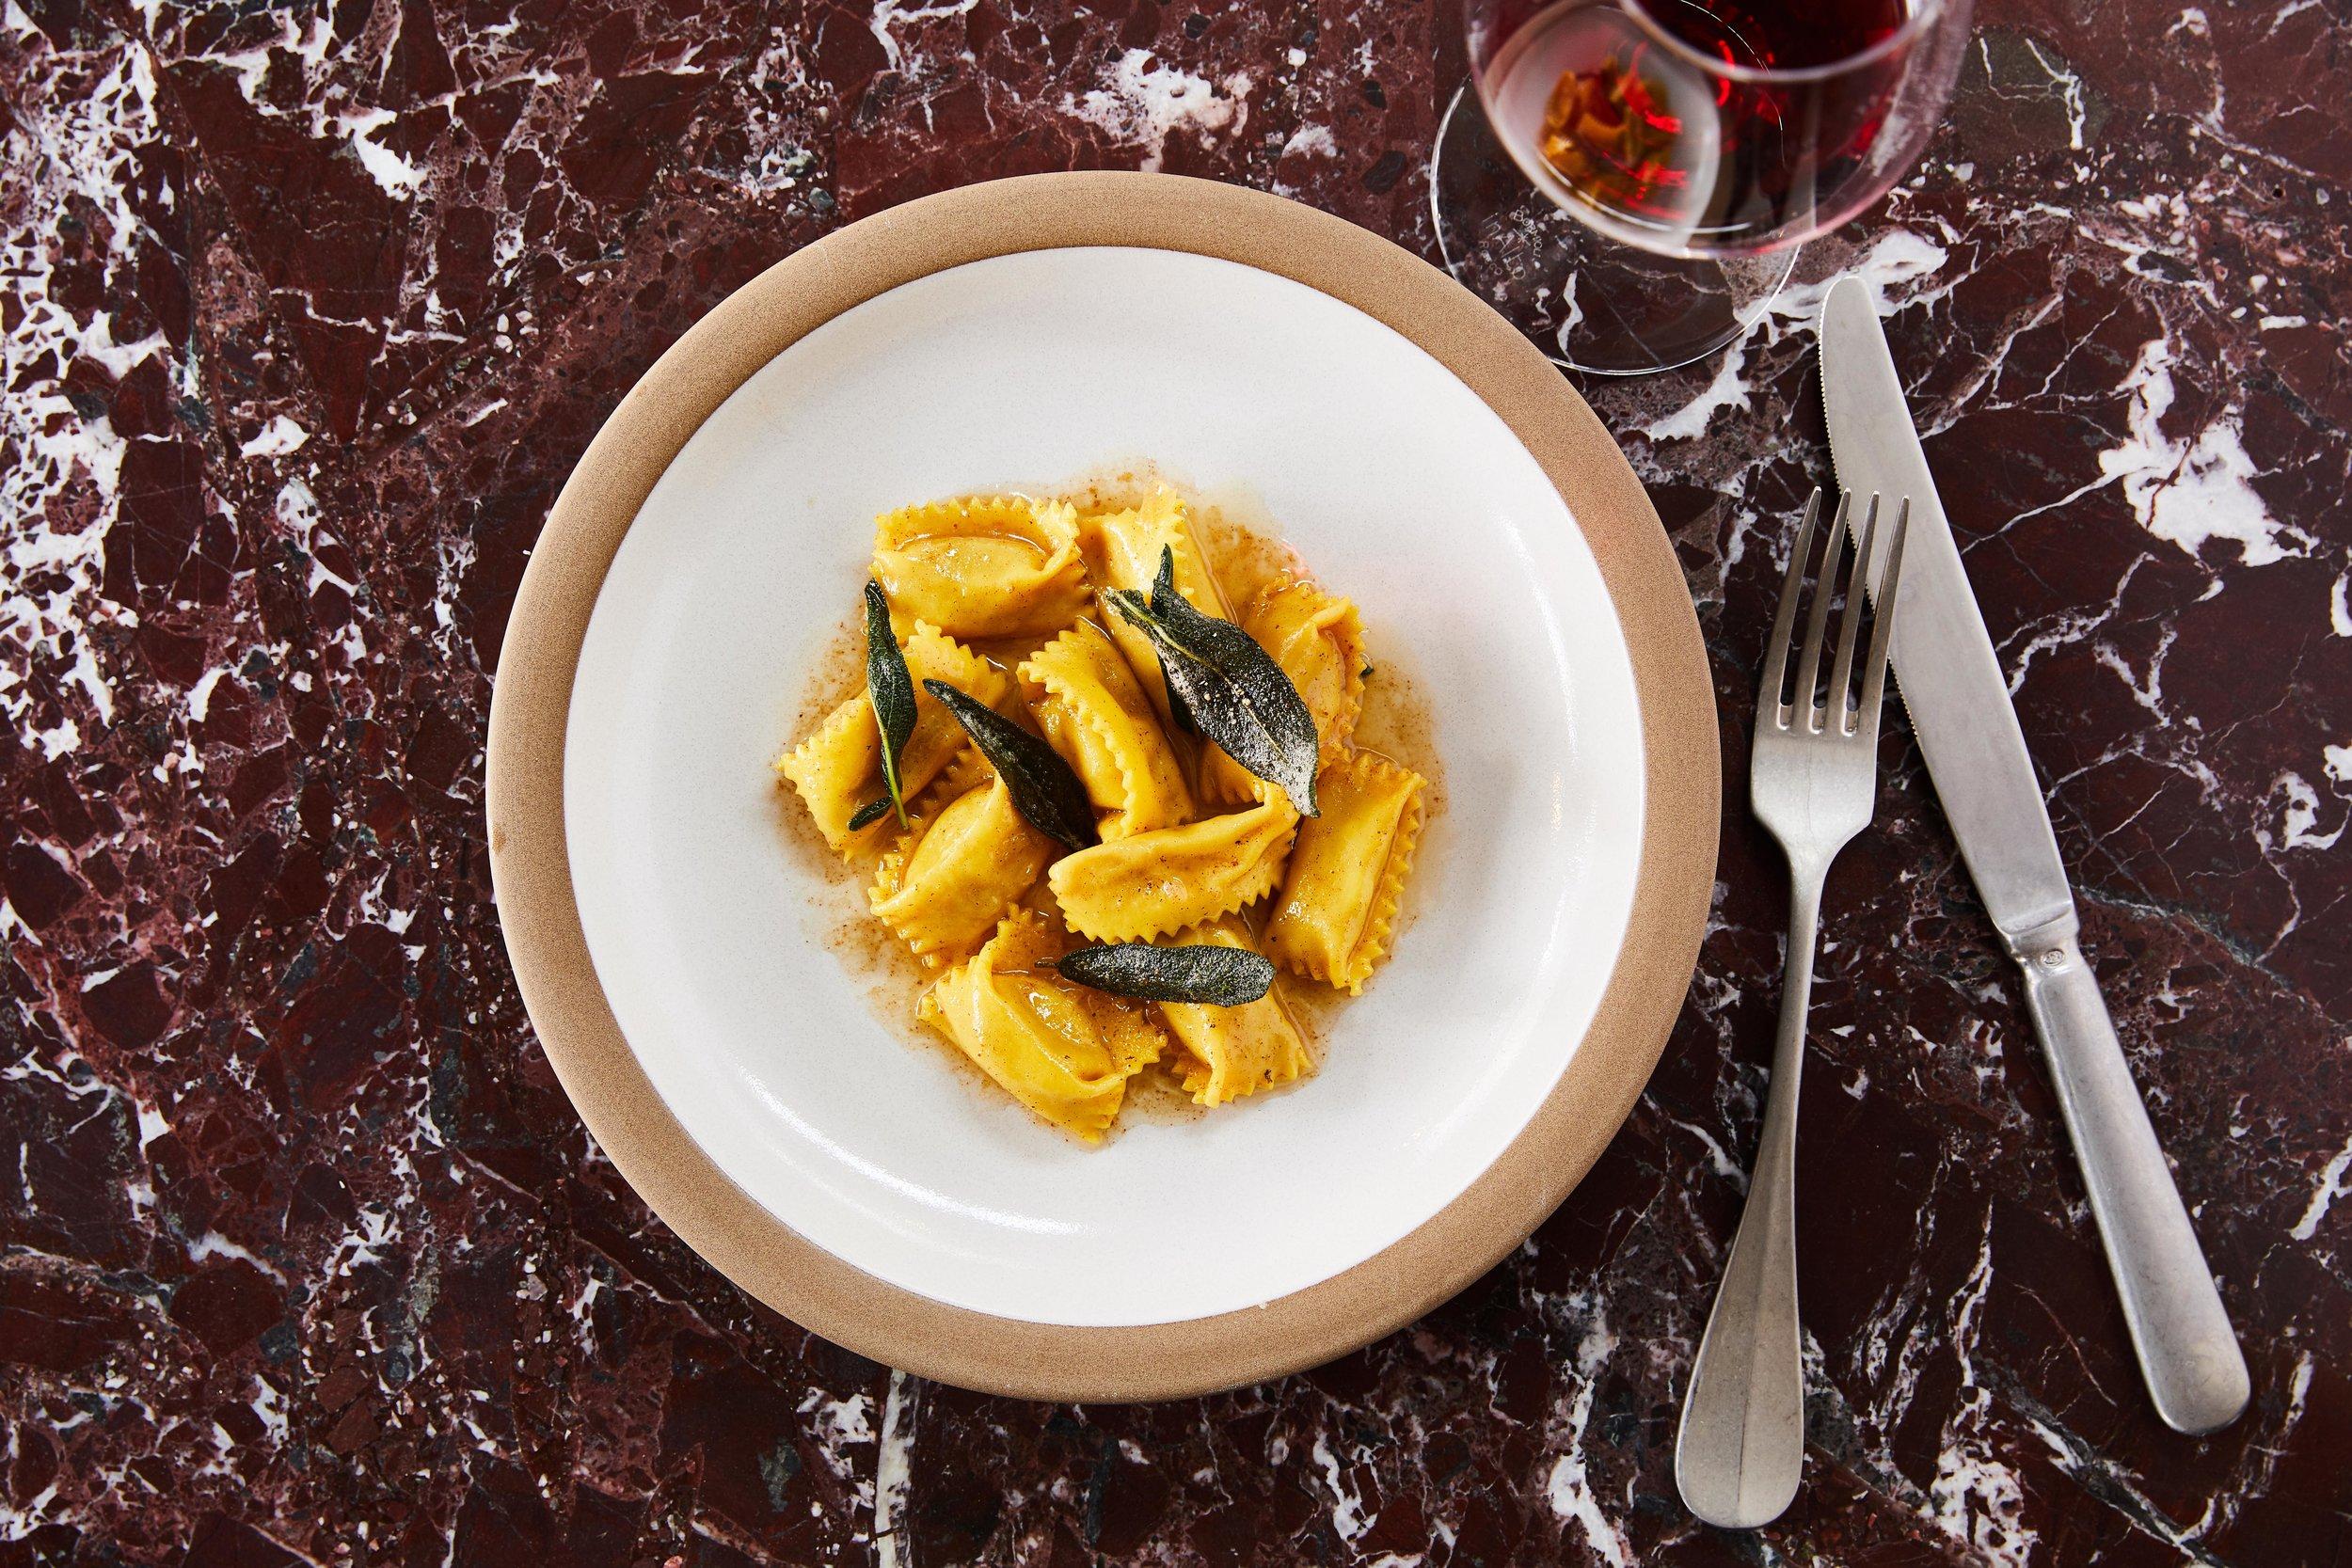 Shinola_San Morello_Food_Agnolotti_006 copy.jpg